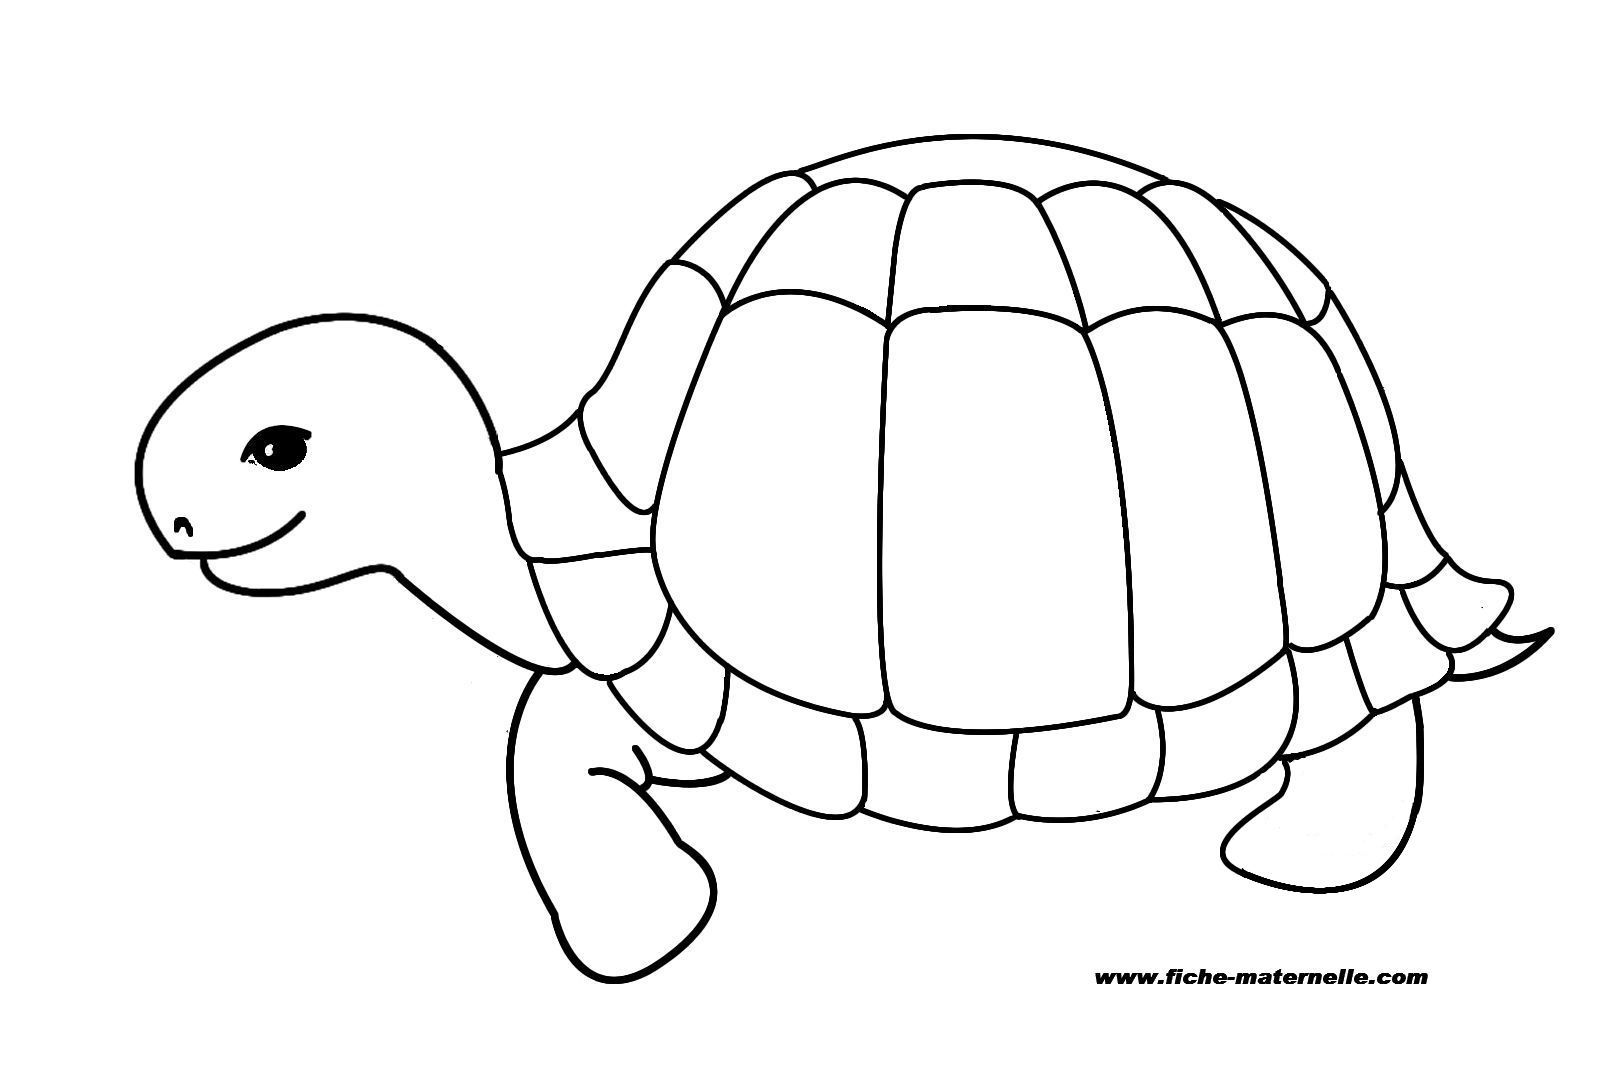 coloriage tortue colorier dessin imprimer - Dessin Colorier